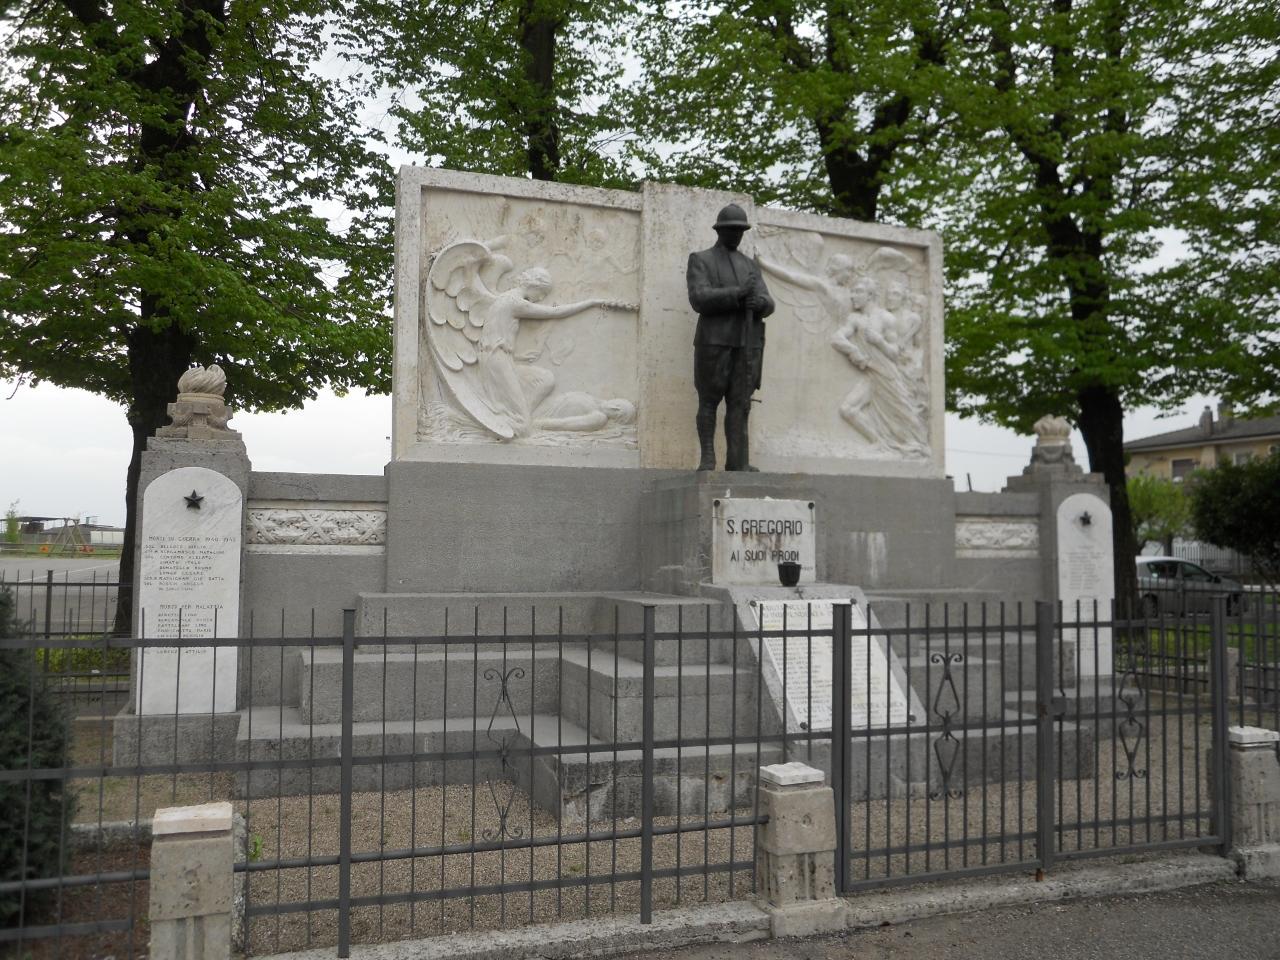 figura di soldato: fante, allegoria della Vittoria che incorona un soldato morente, allegoria della Vittoria che guida i soldati (monumento ai caduti - ad ara) di Zanini Glauco (sec. XX)